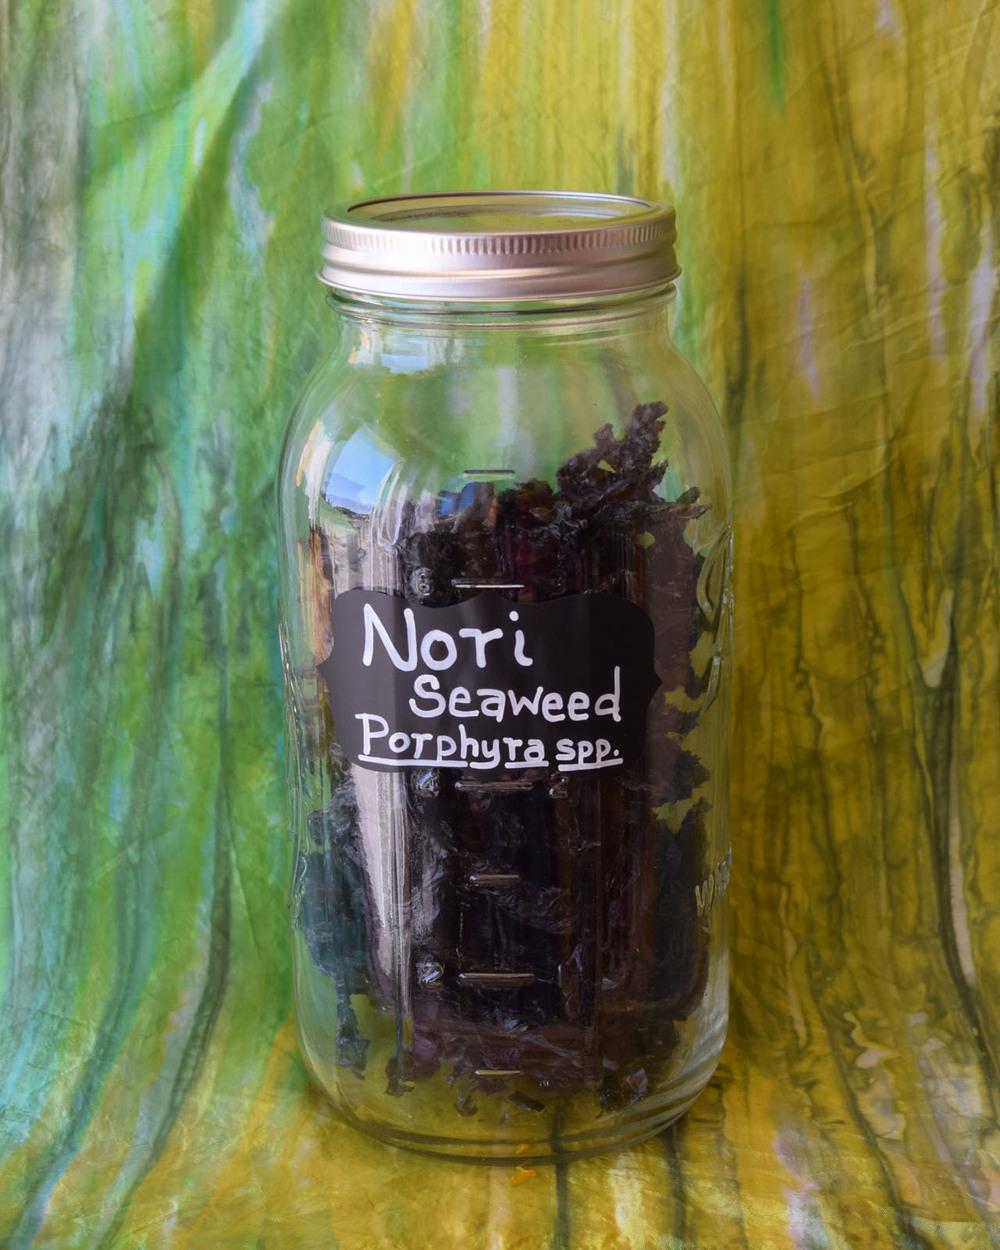 Nori seaweed**